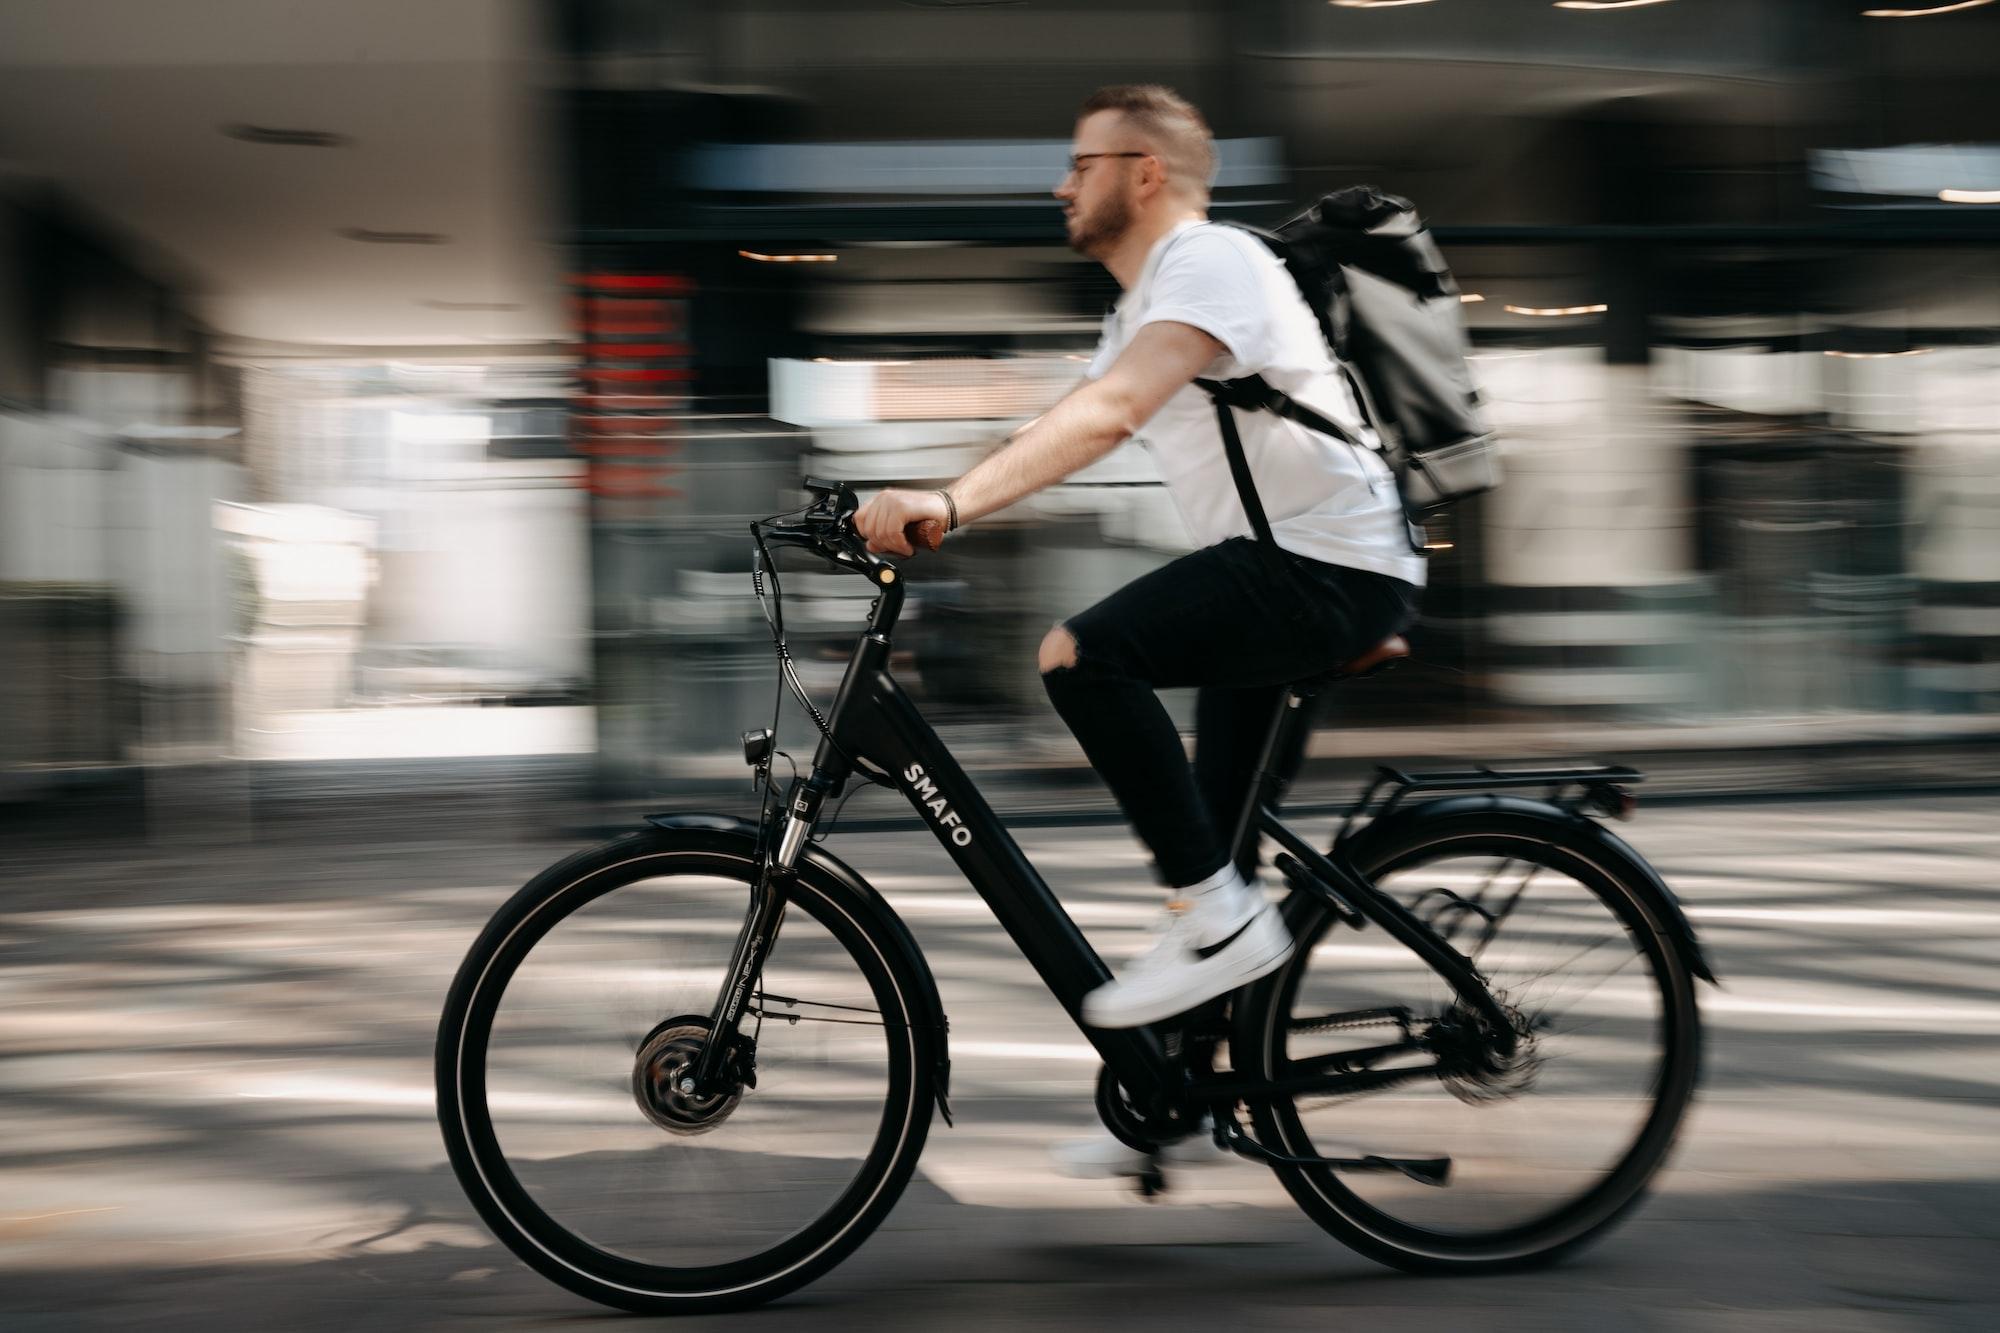 Pilotprojekt: Drosseln von E-Bikes in für mehr Sicherheit